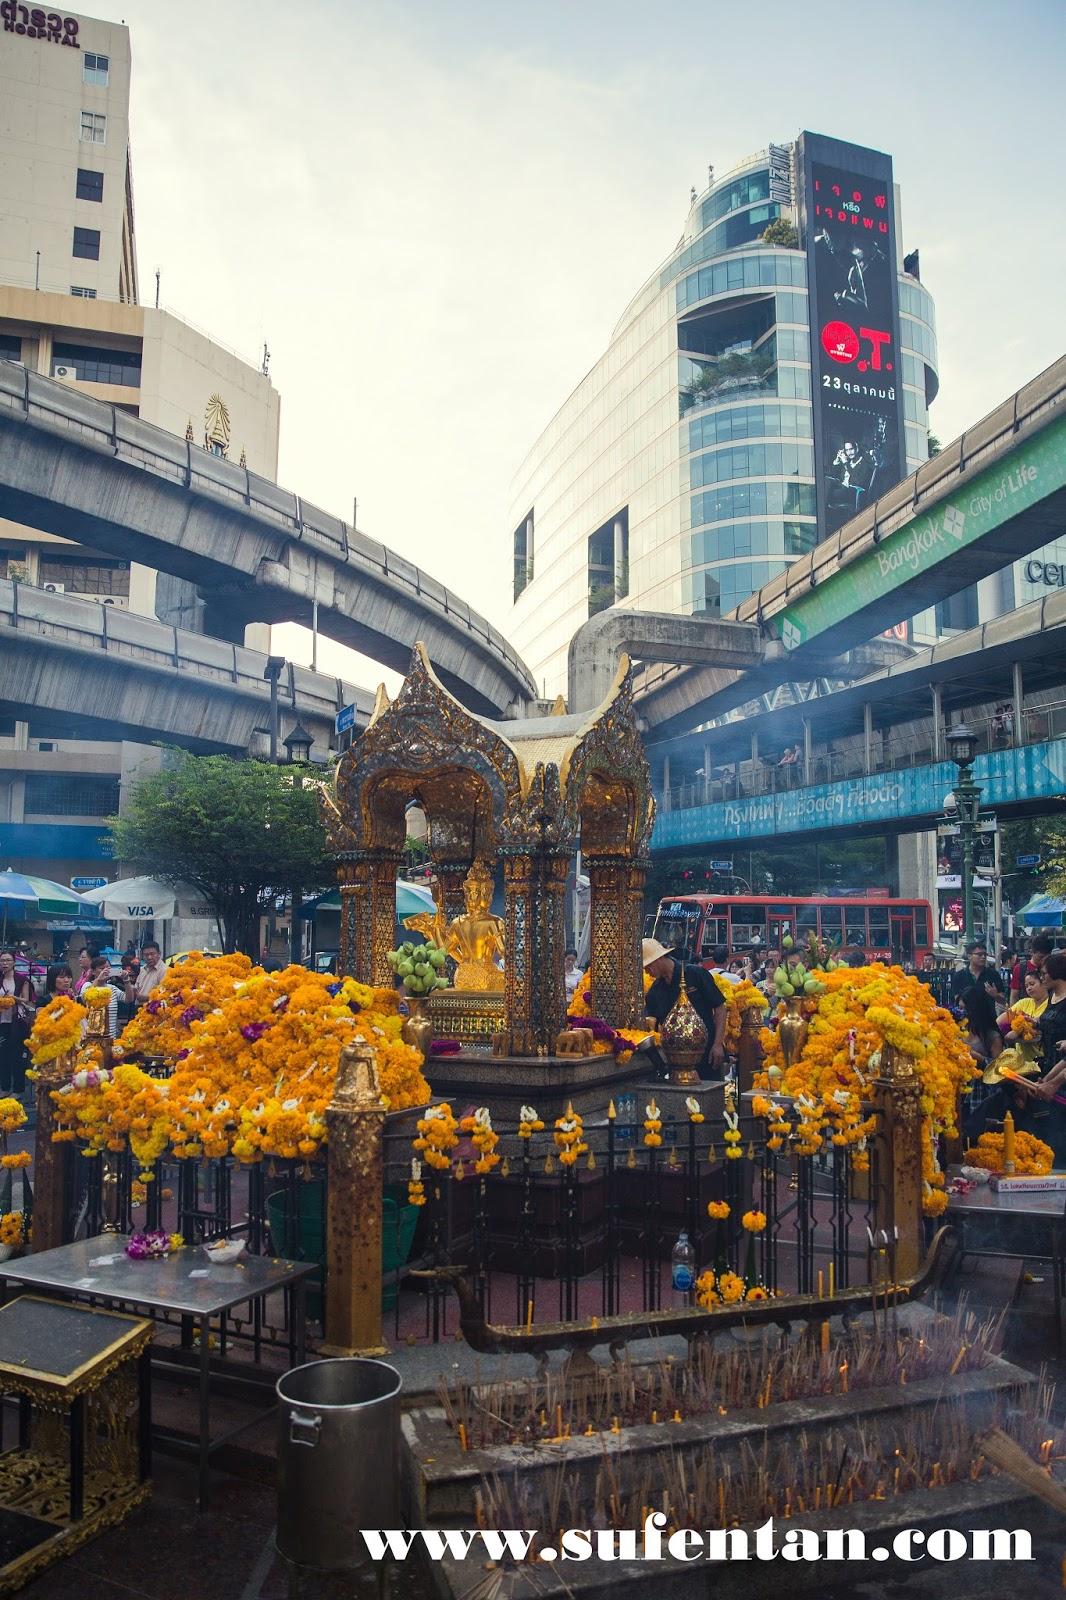 Four-Faced Buddha of Erawan Shrine  Bangkok  SUFENTAN.COM